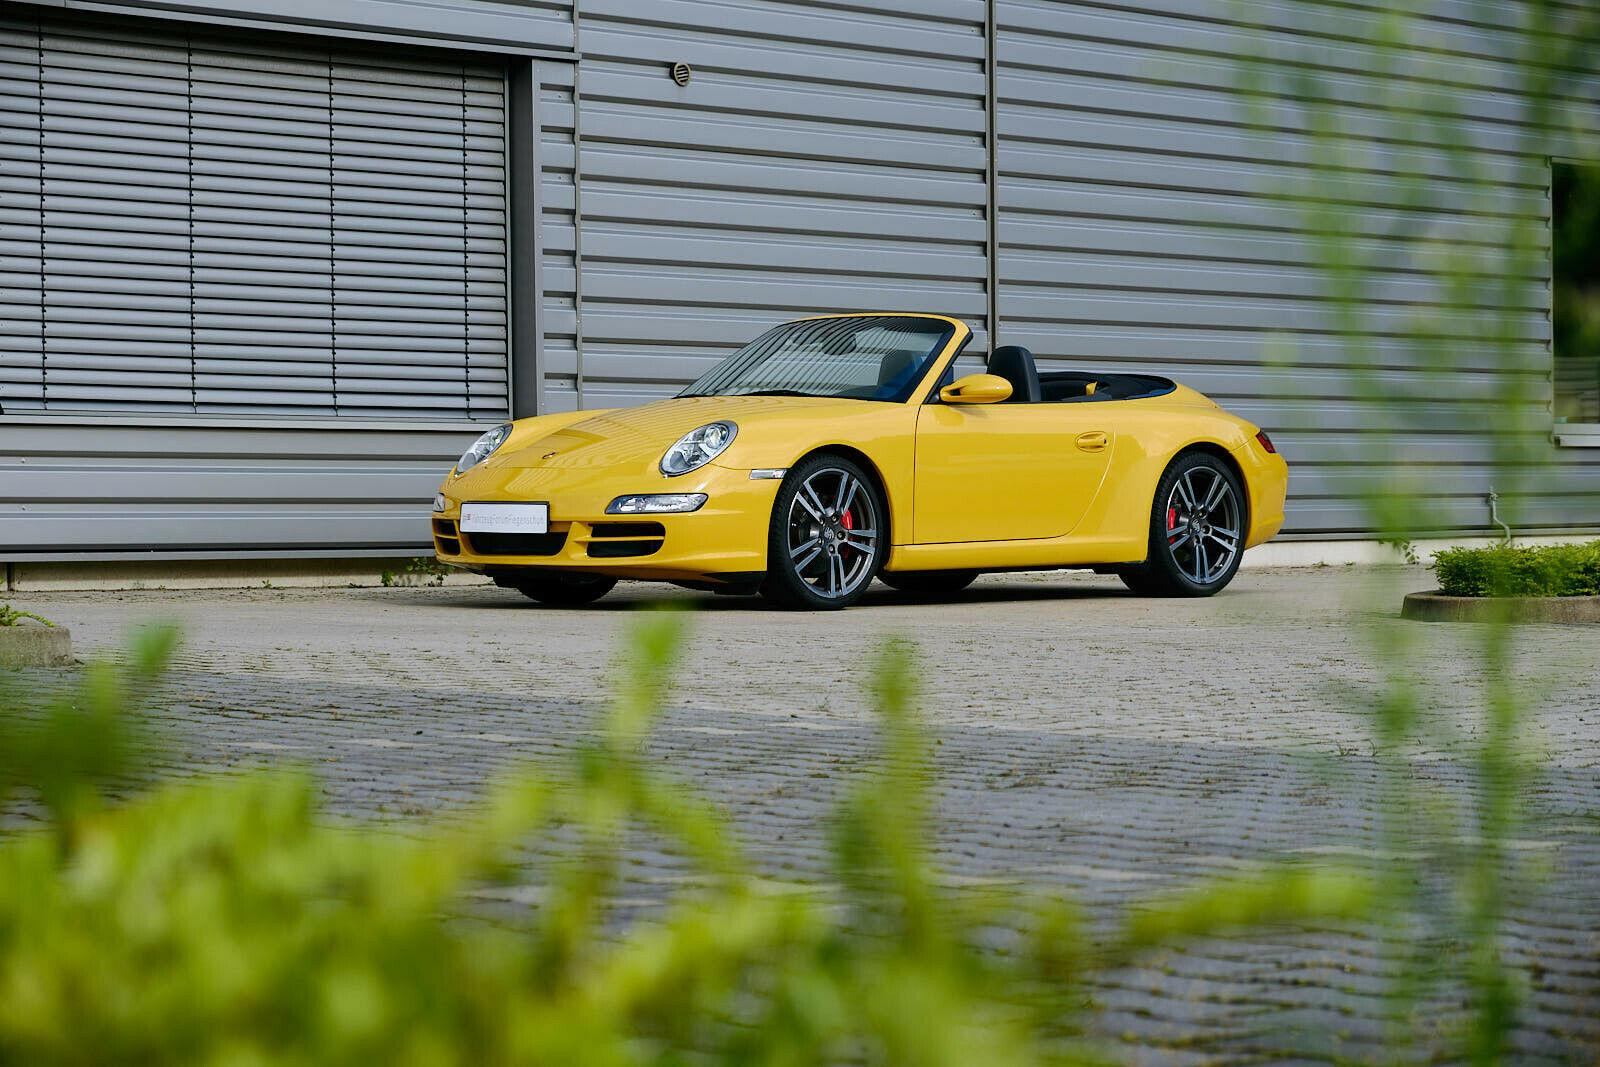 2005 Porsche 911 997 for sale MJ 2005